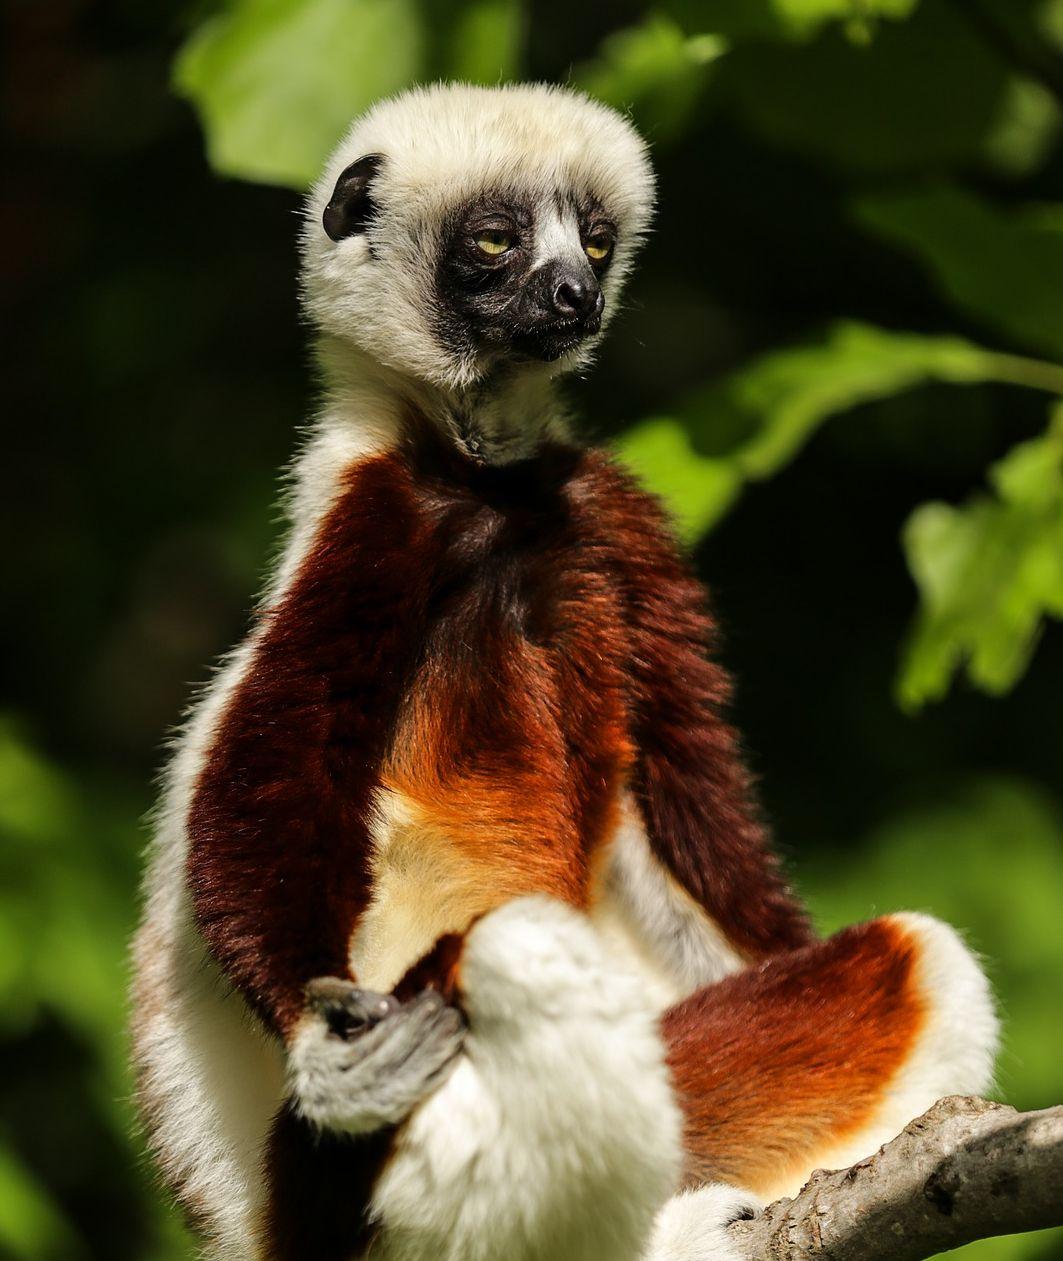 madagascar_lemur-1794520_1920_kivagott